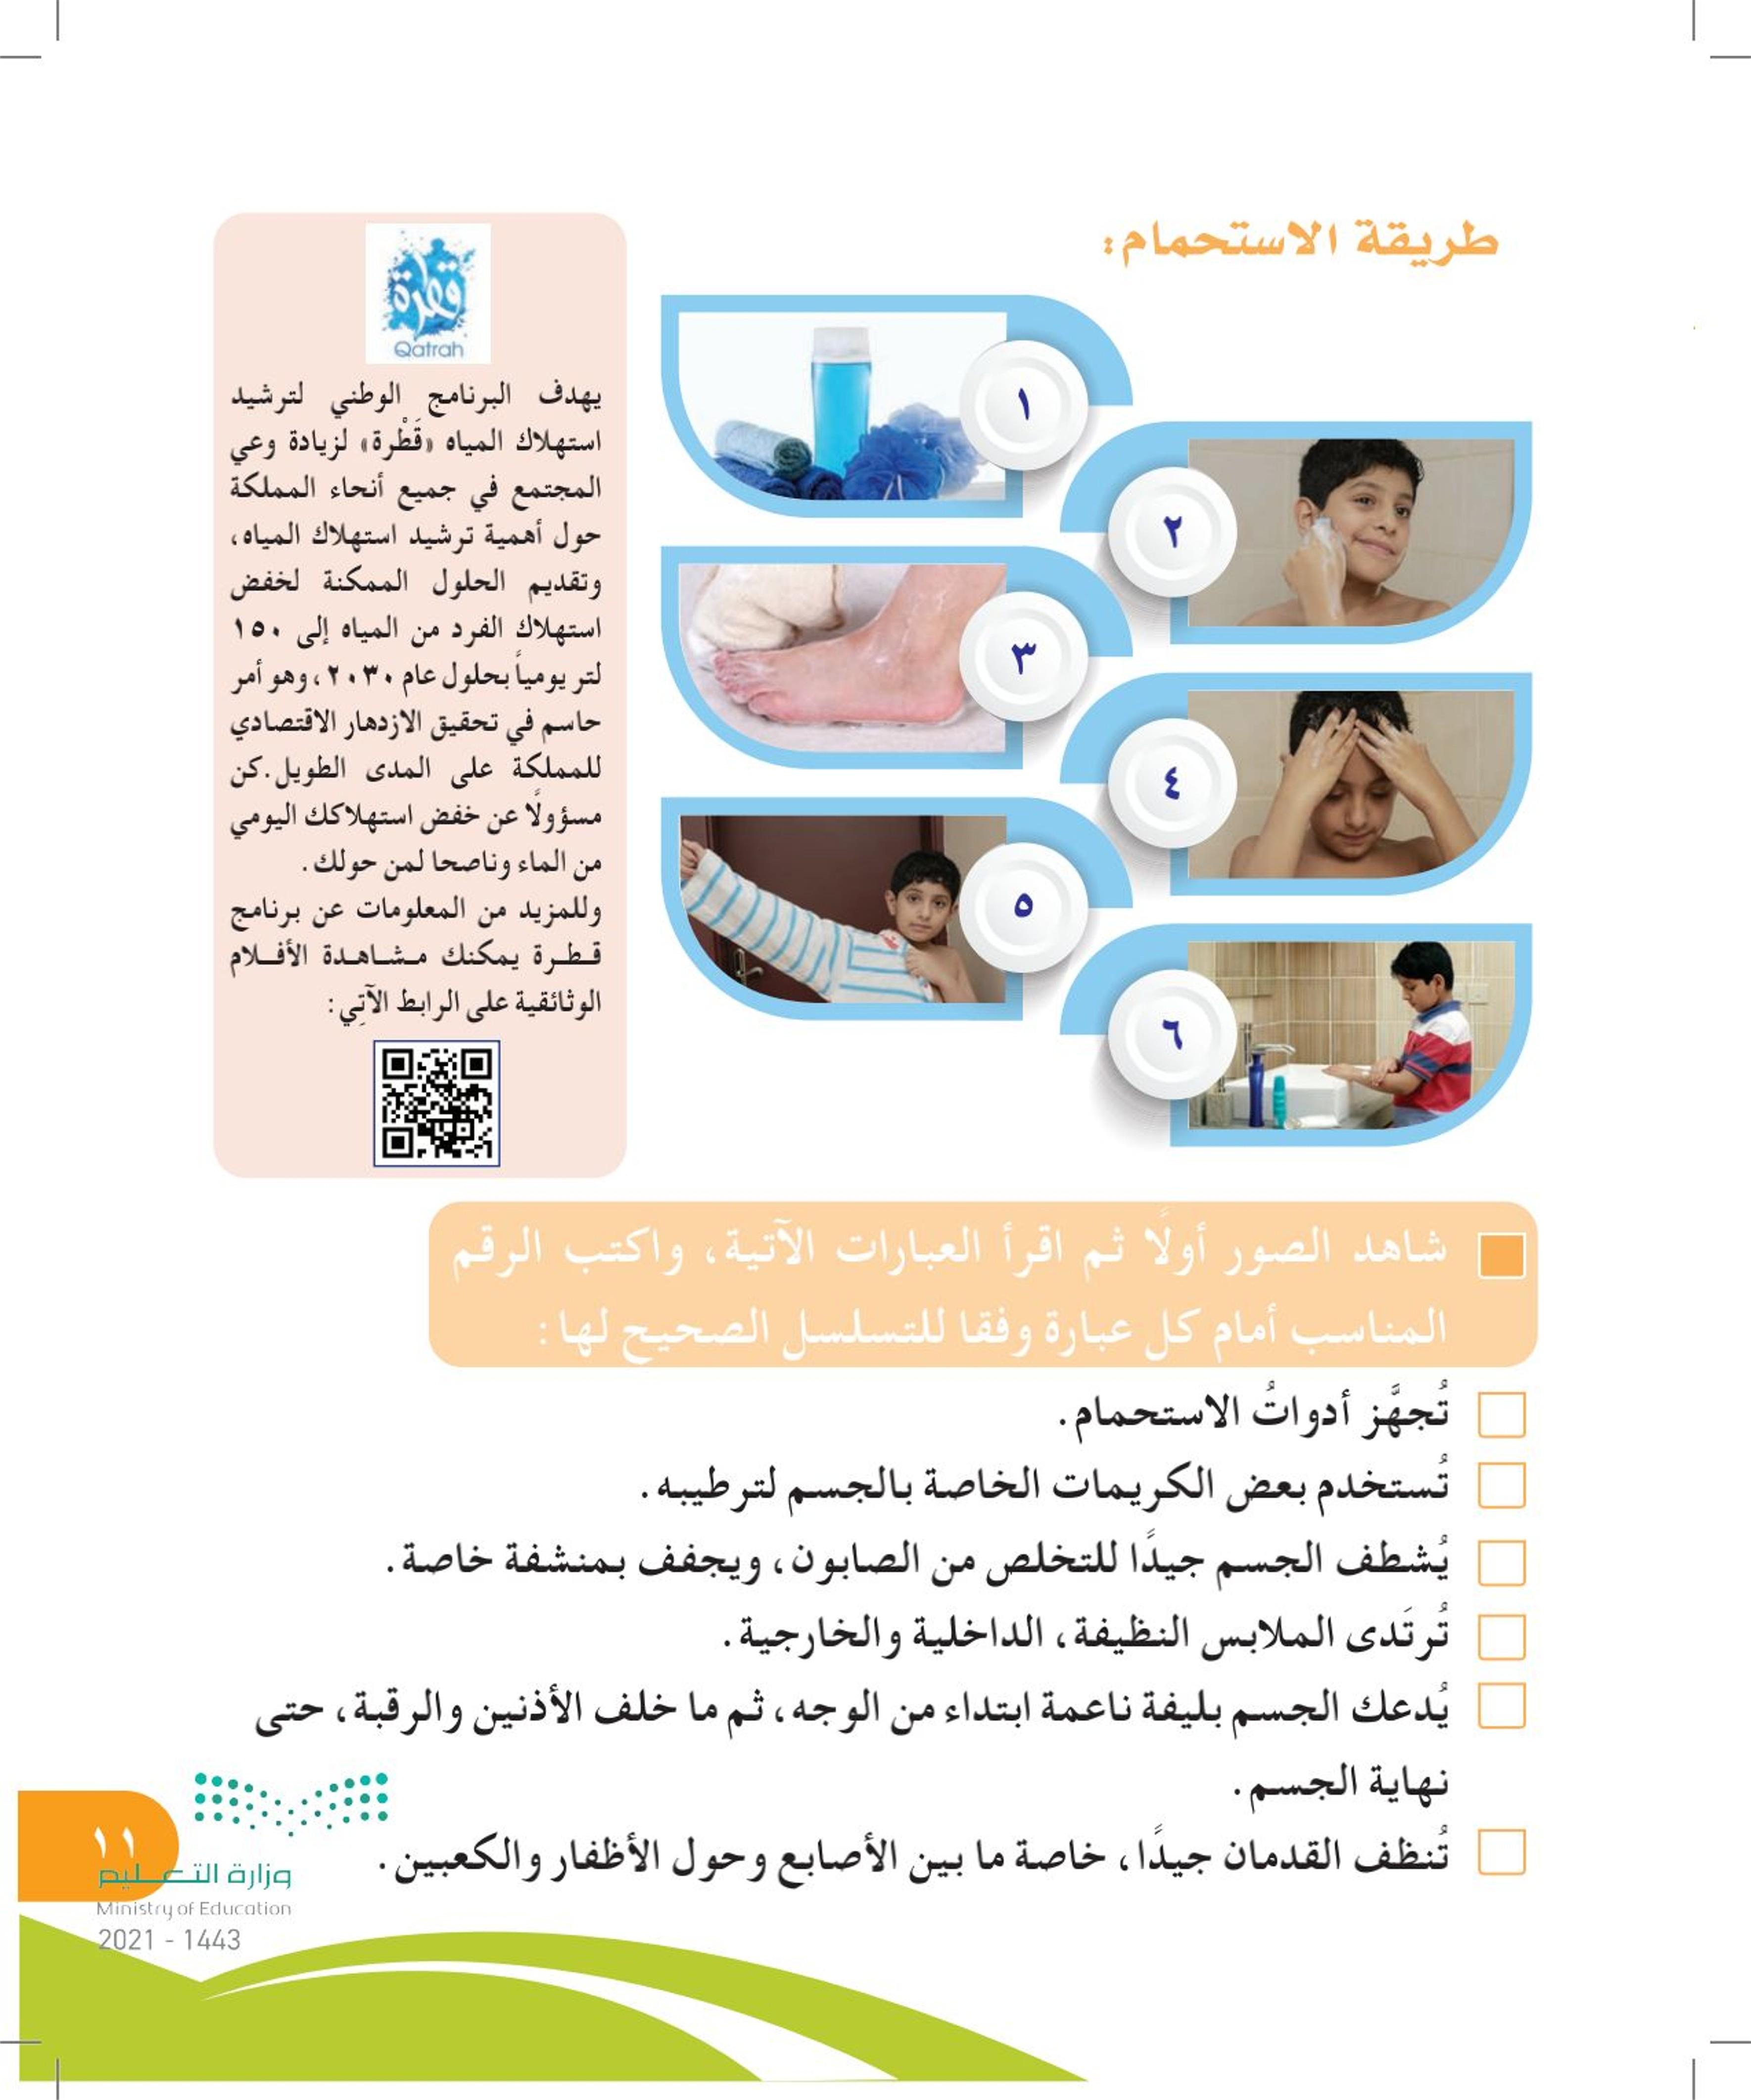 نظافة الجسم والسلامة أثناء الاستحمام